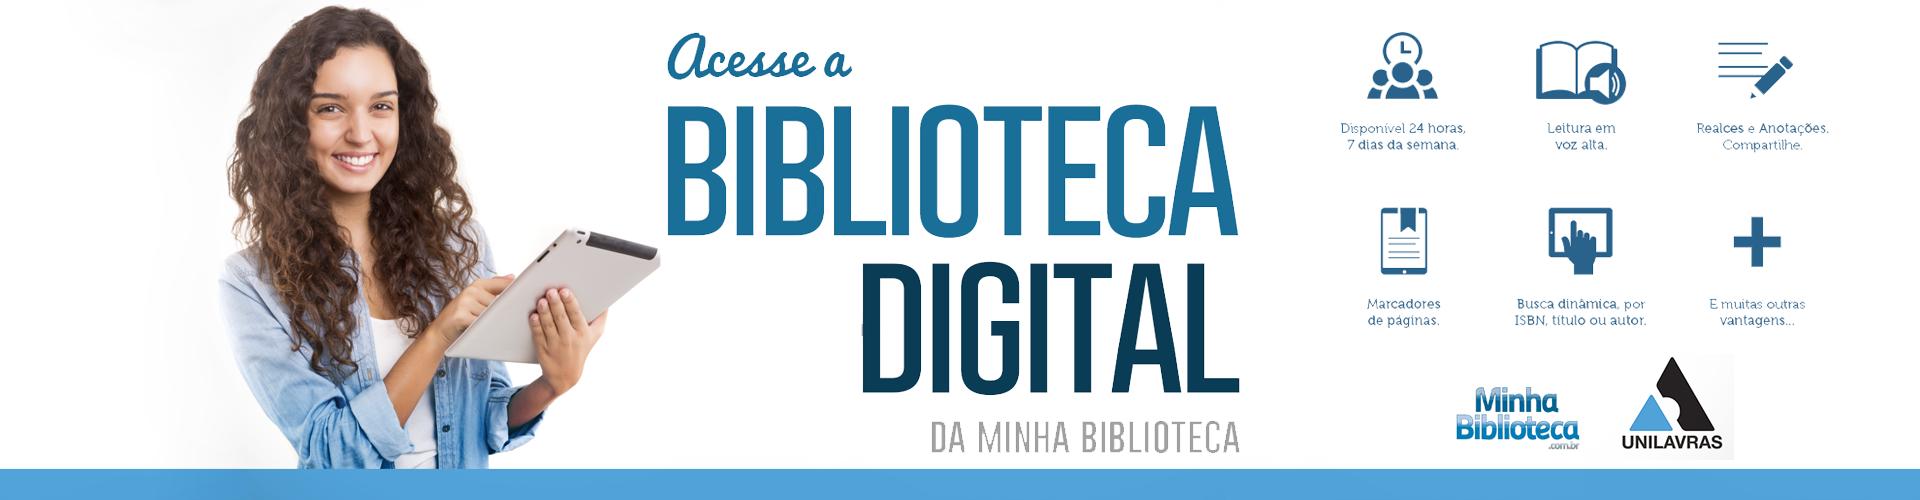 Minha-biblioteca-2019